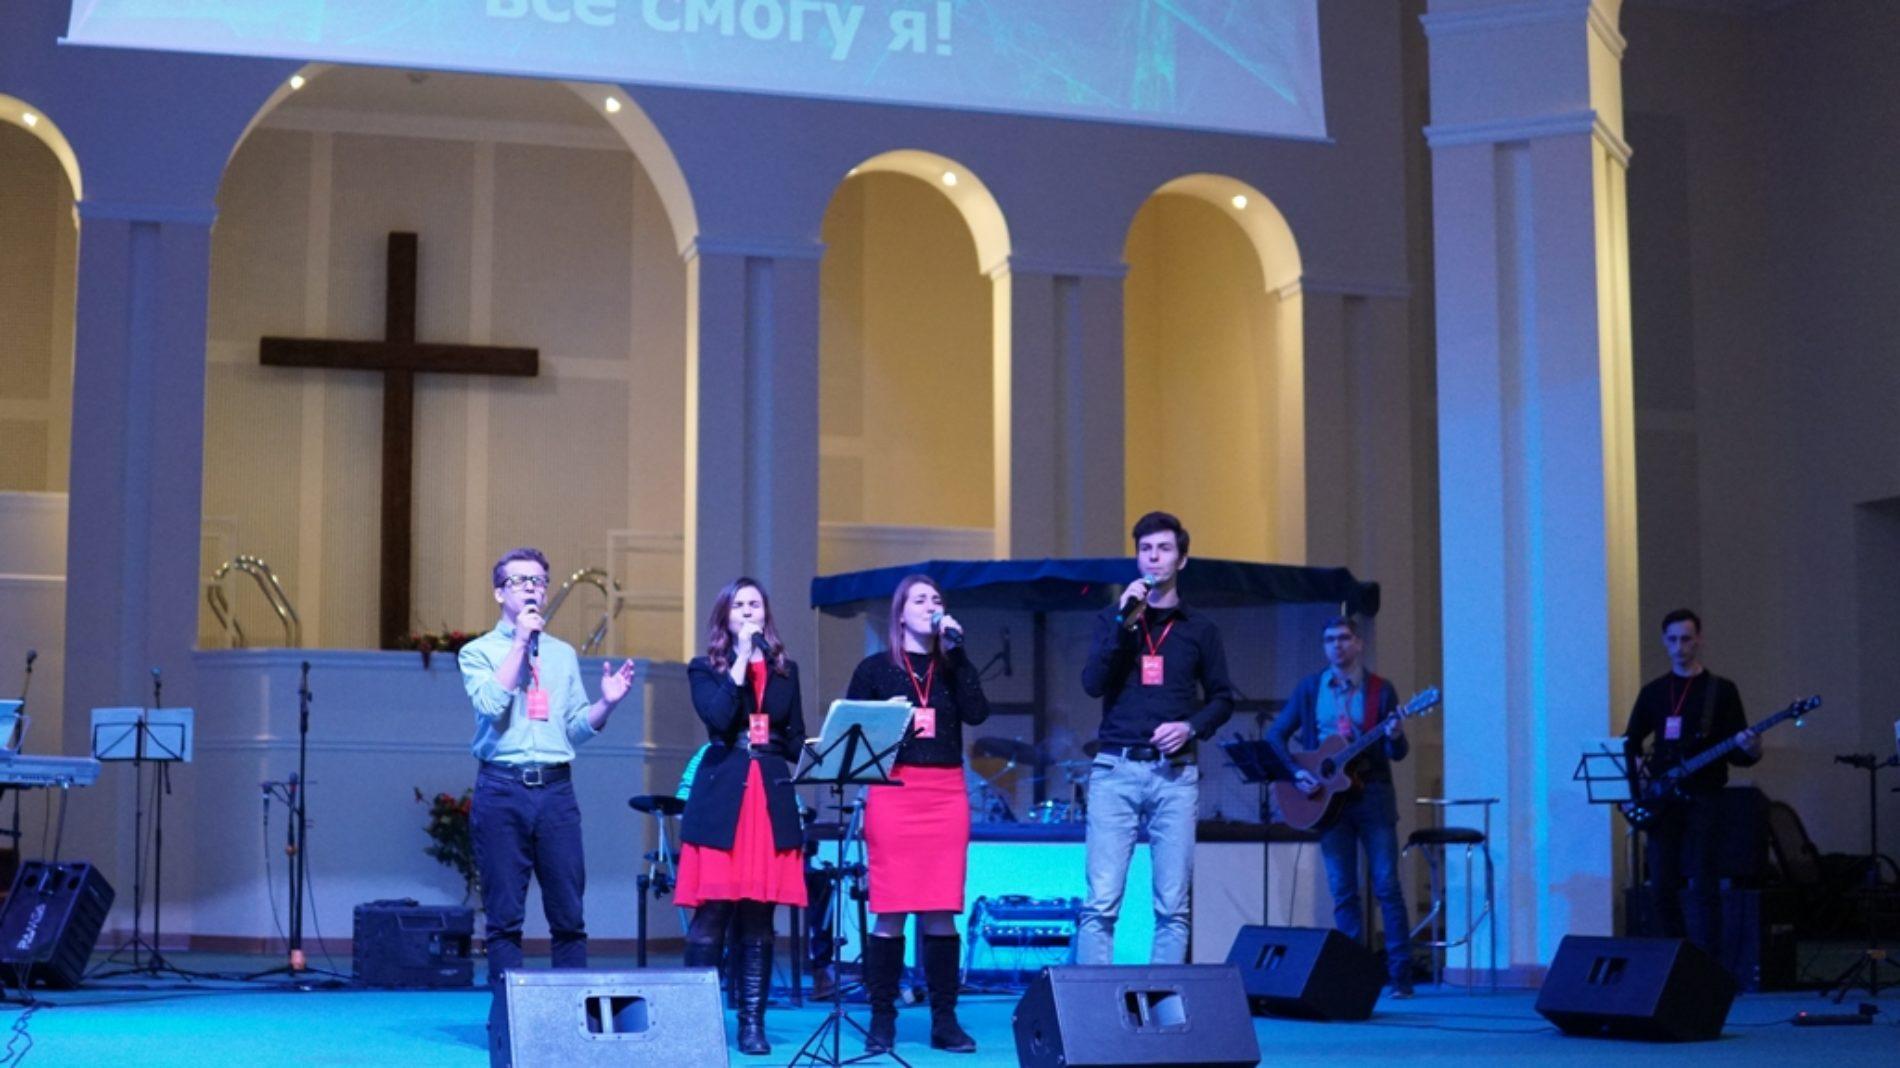 Як позбутися стереотипів та побудувати щасливу сім'ю – репортаж з міжобласної молодіжної конференції у Сумах